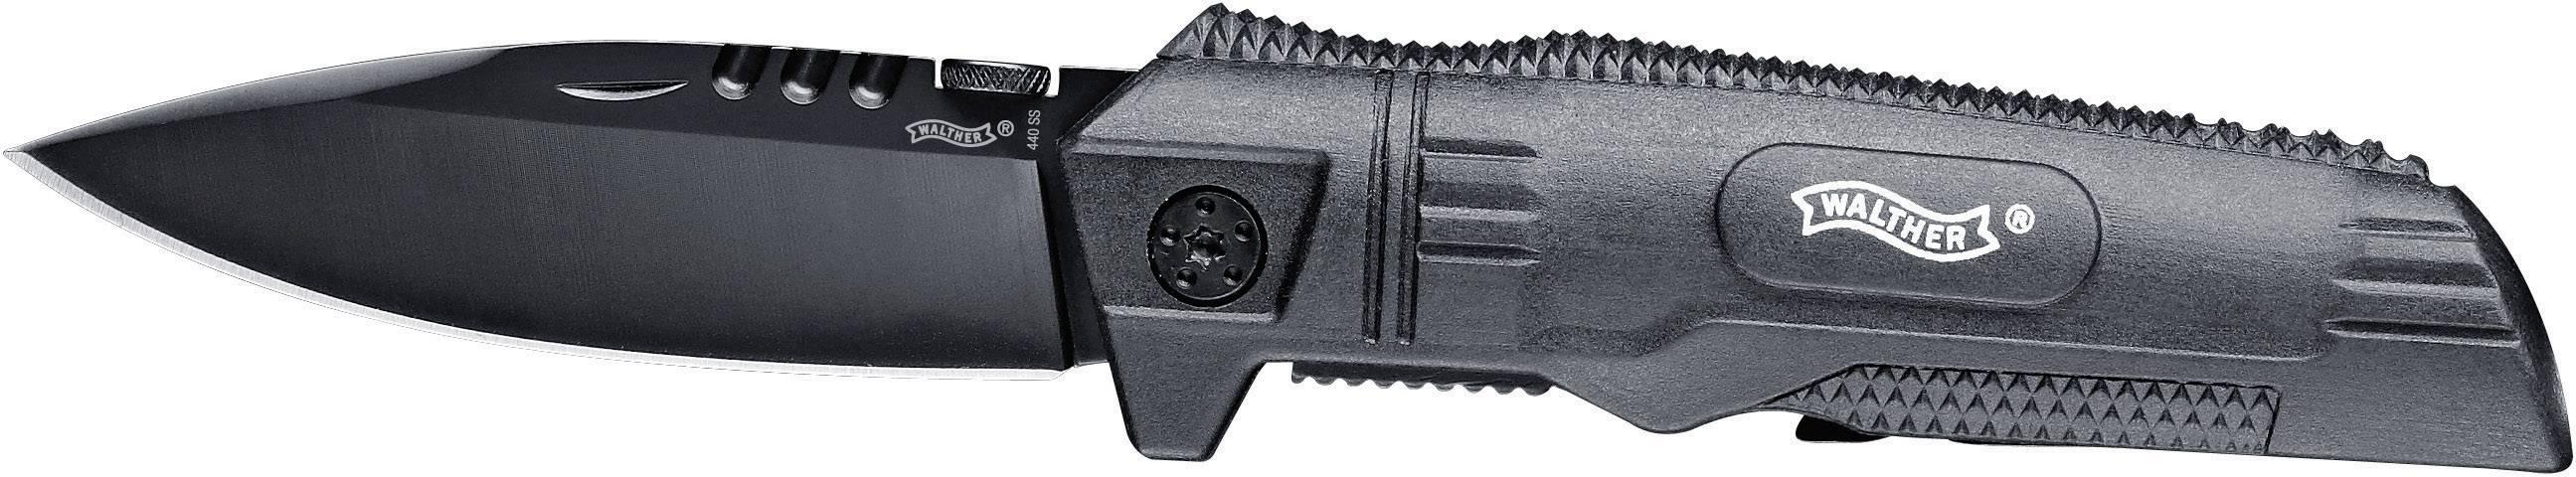 Outdoorový nůž Walther SubCompanionKnife SCK 5.0719, černá